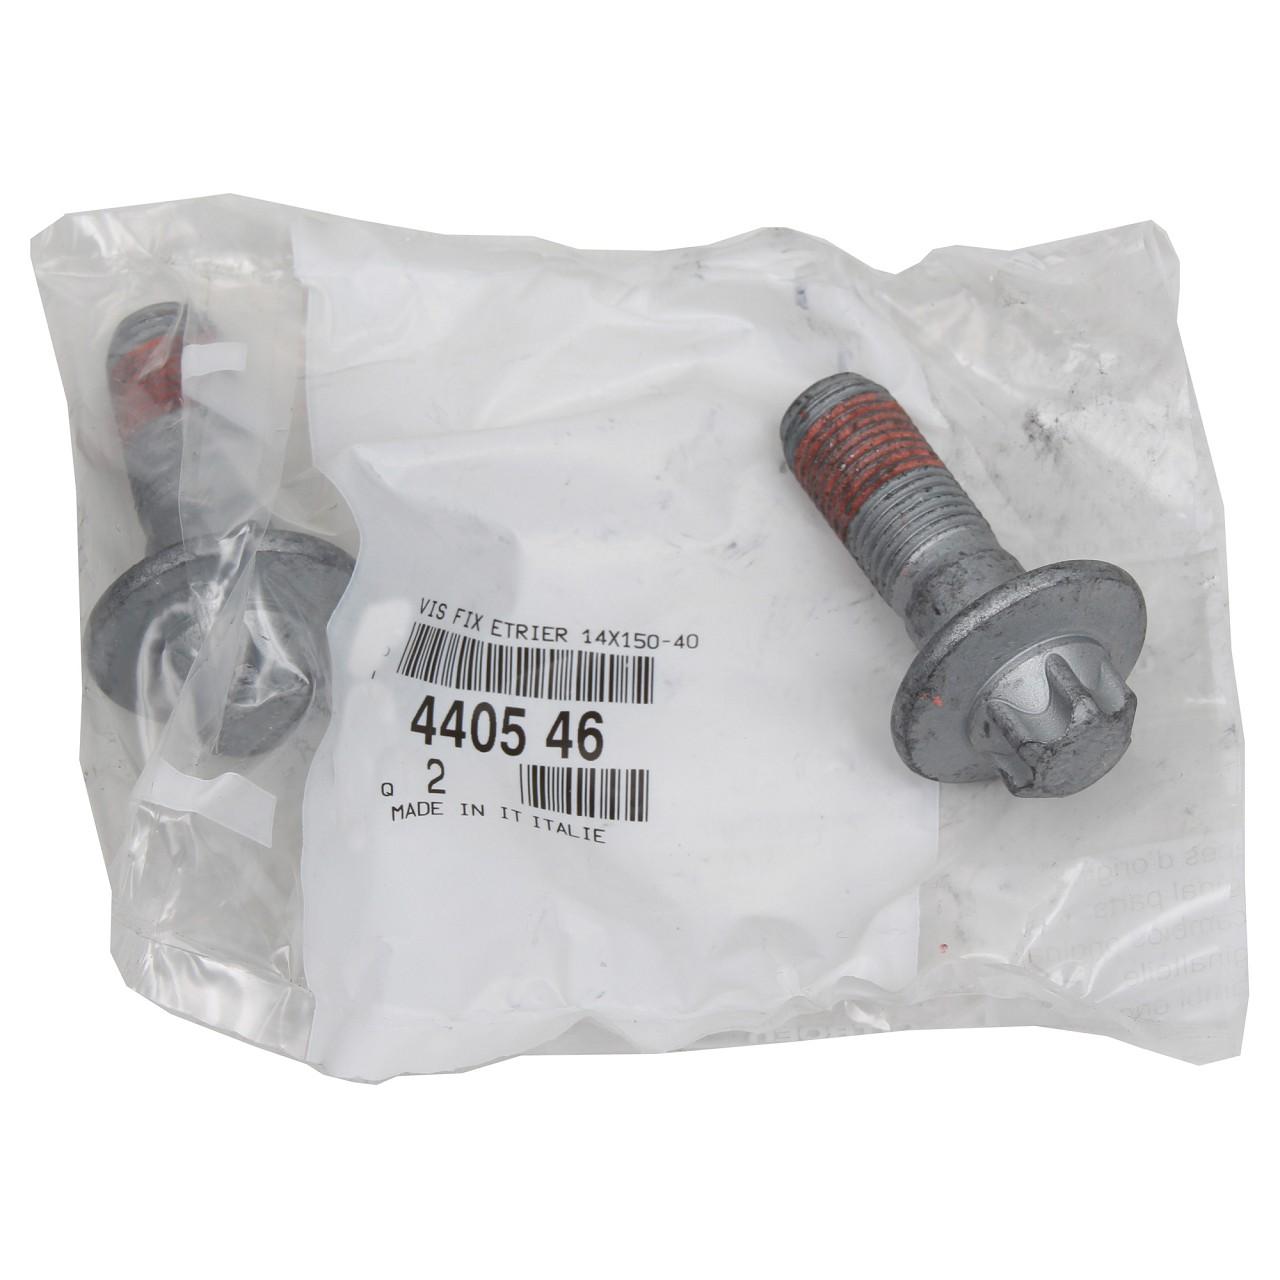 2x ORIGINAL Citroen Peugeot Schraube Bolzen Bremssattel M14x150-40 vorne 4405.46